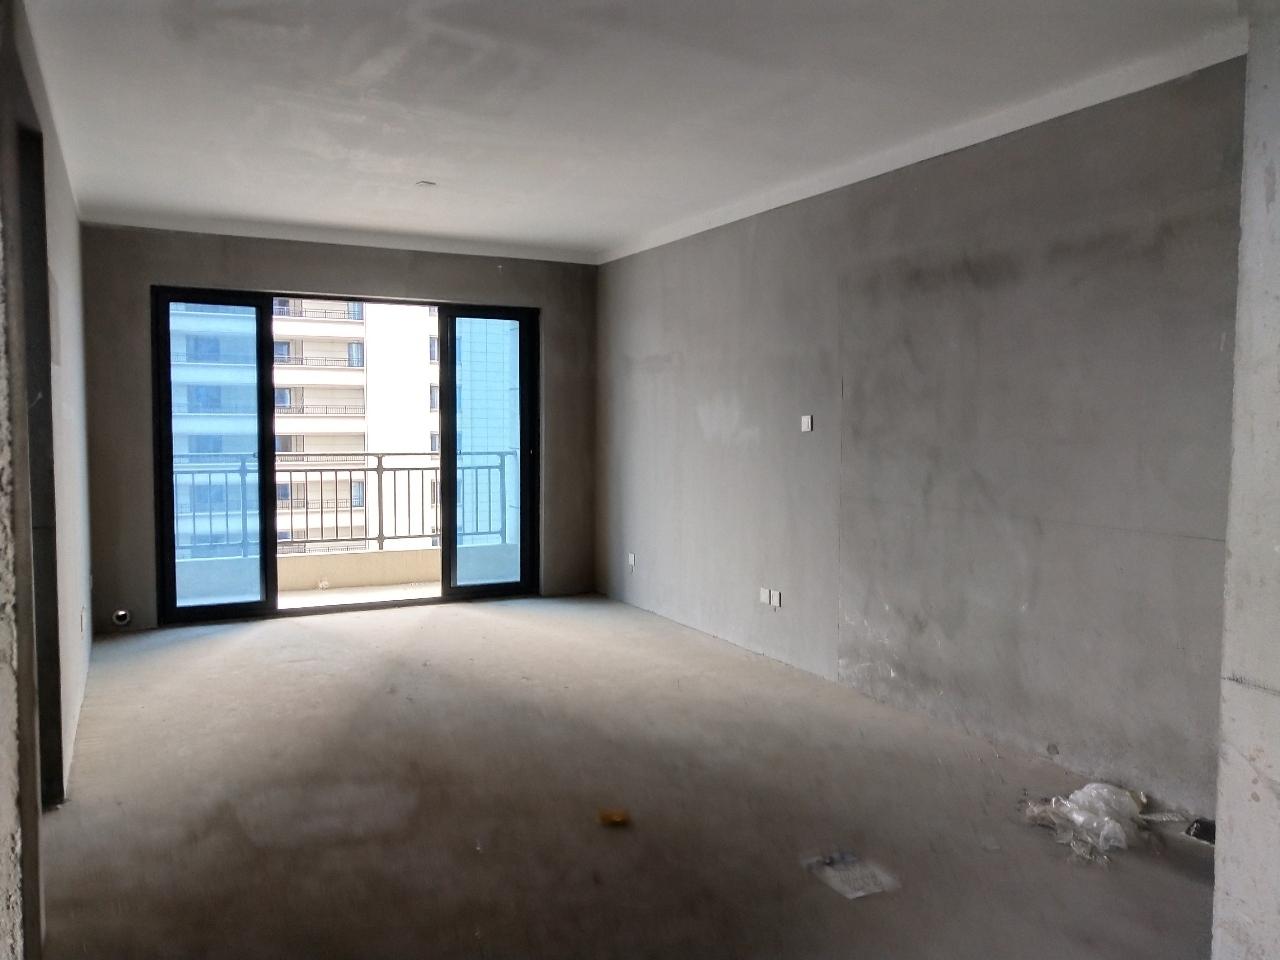 临泉·碧桂园3室 1厅 1卫70.5万元